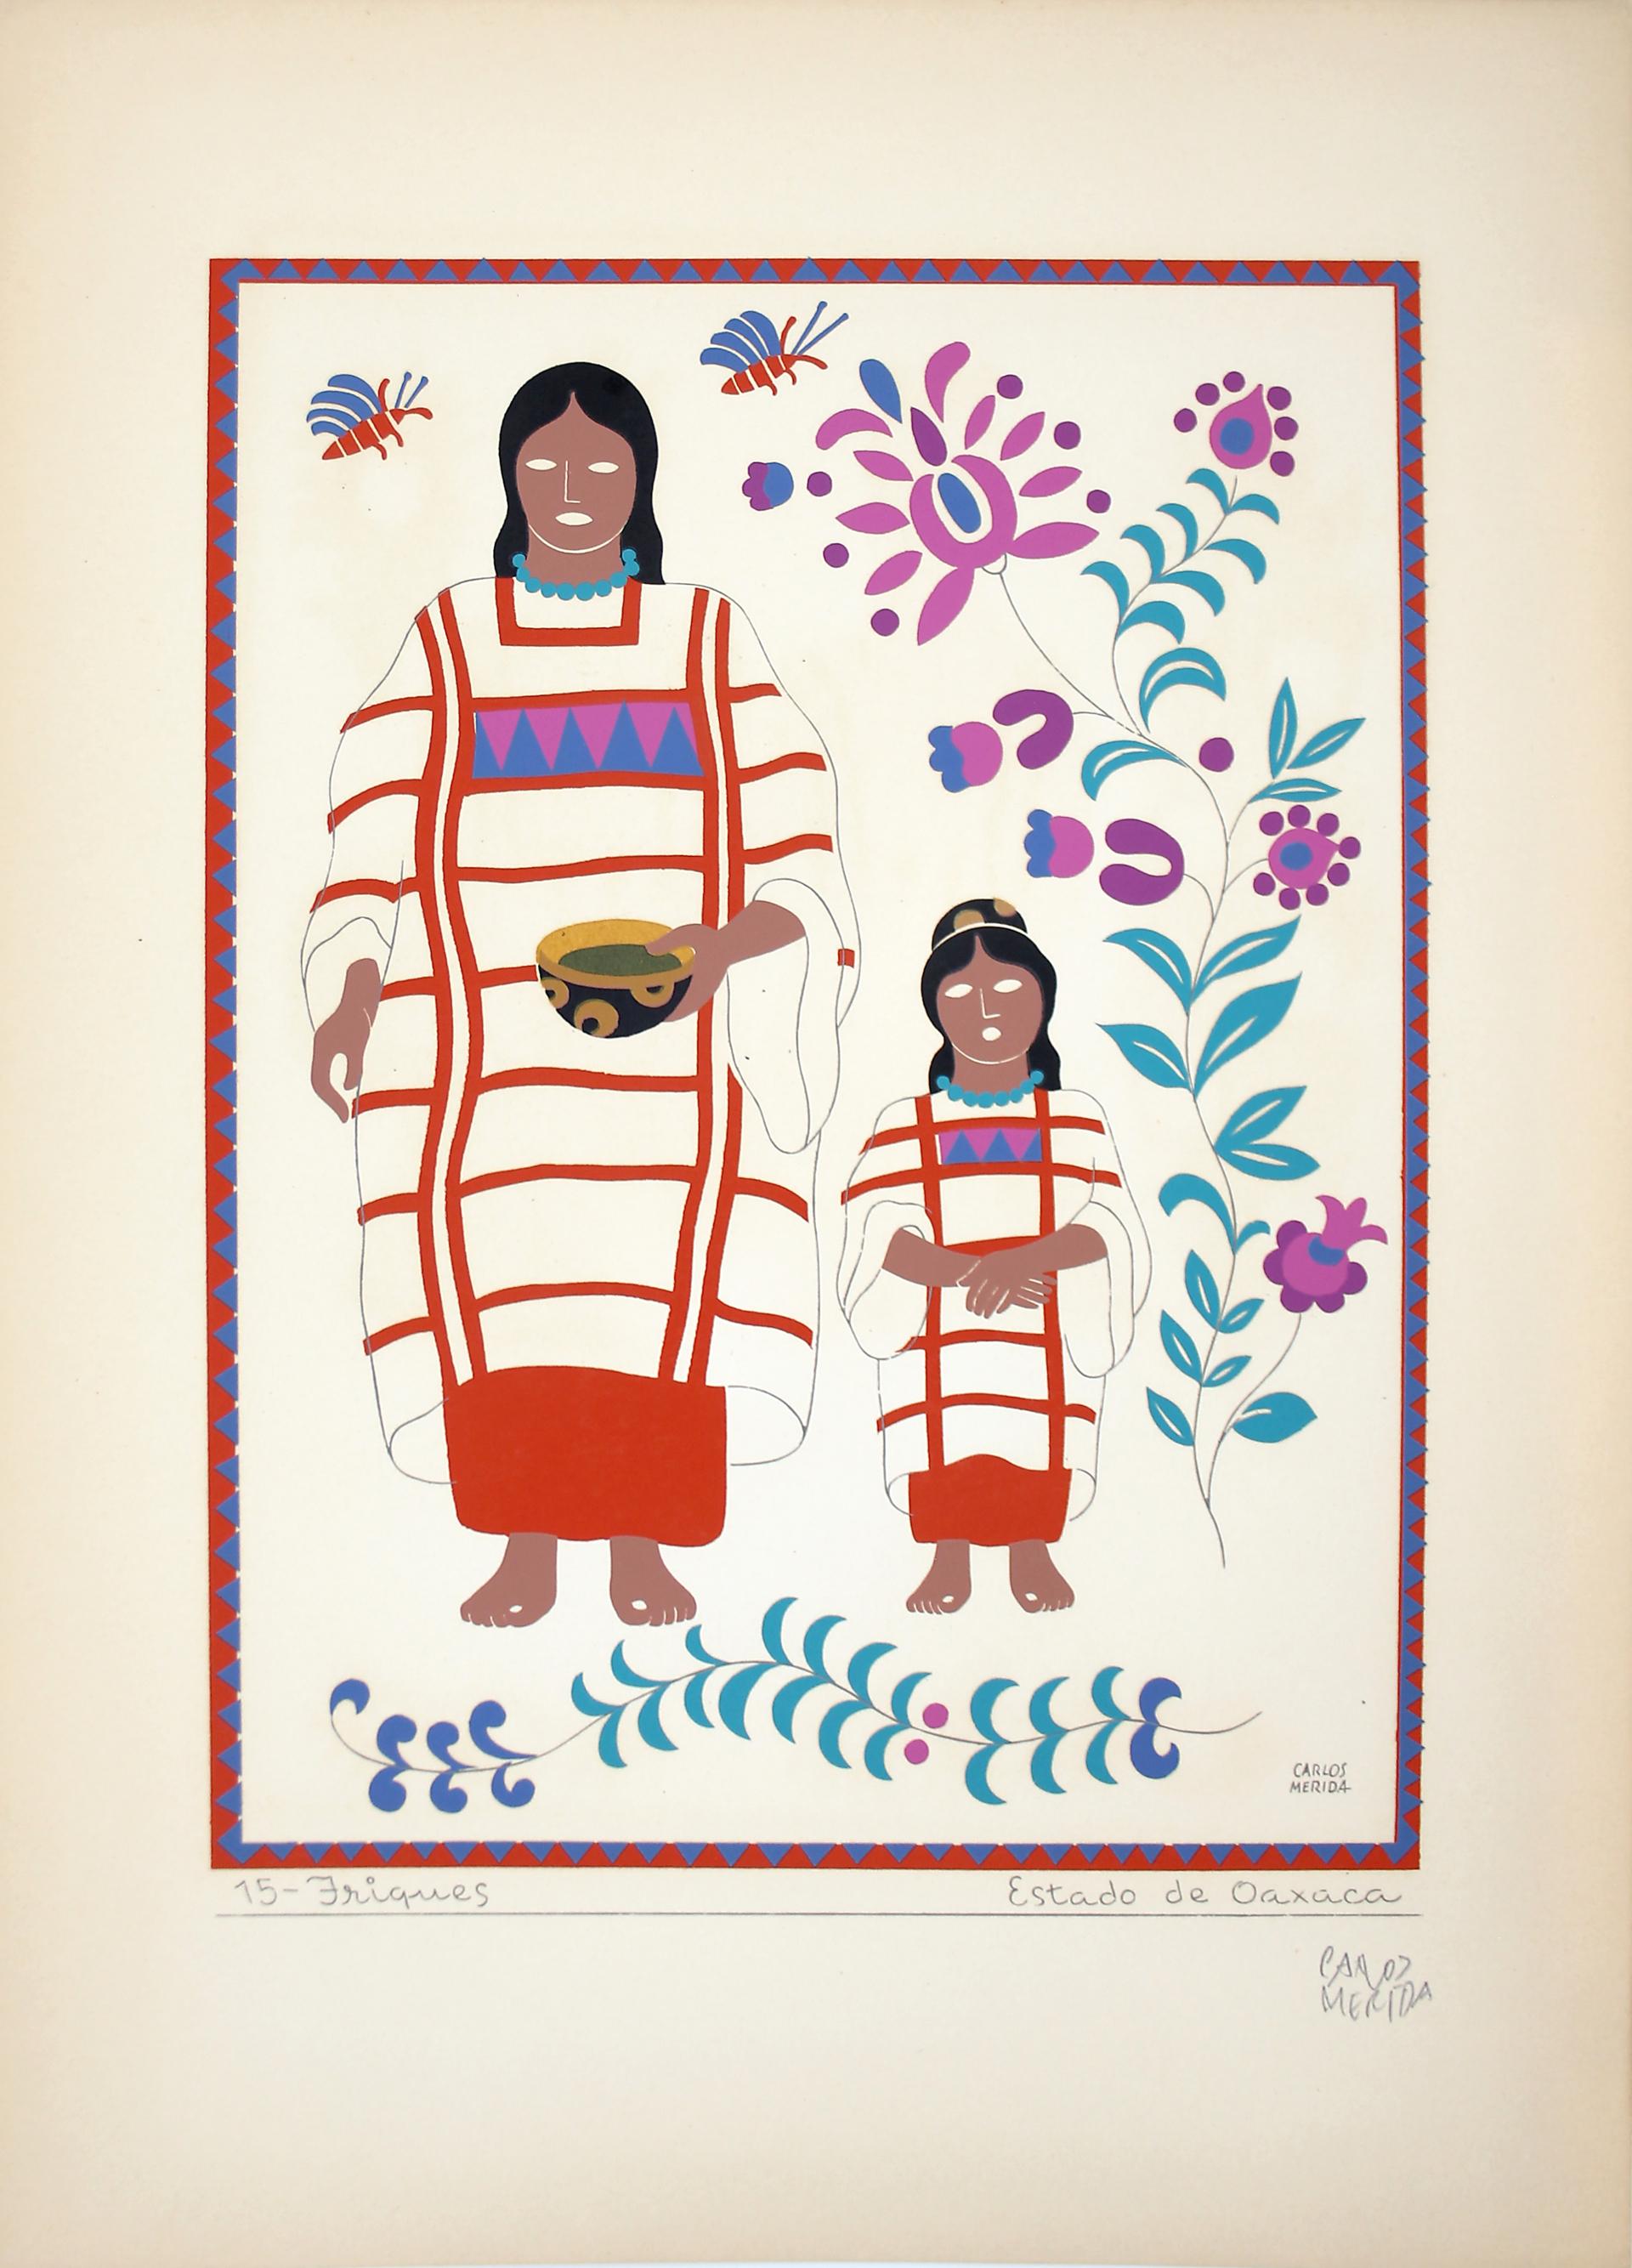 Triques, Estado de Oaxaca by Carlos Mérida (1891 - 1985)